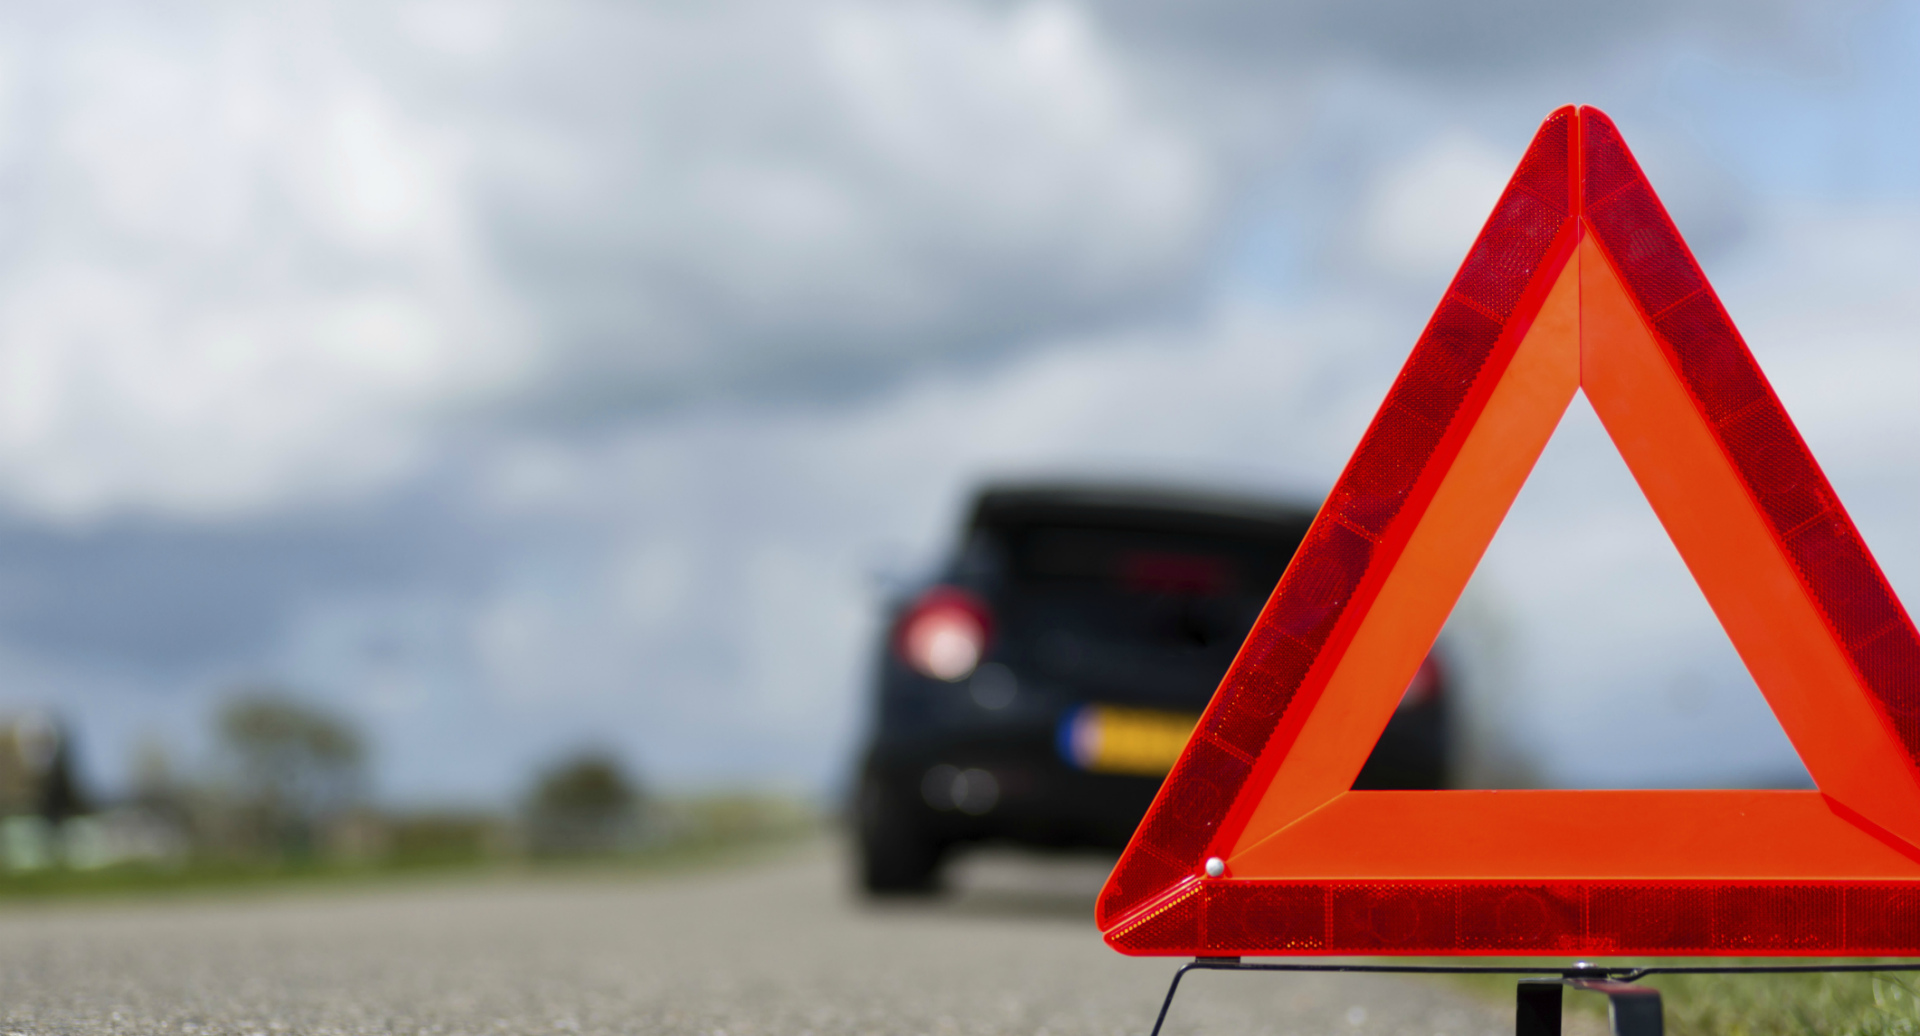 В результате ДТП, которое устроил пьяный водитель, погибла девушка